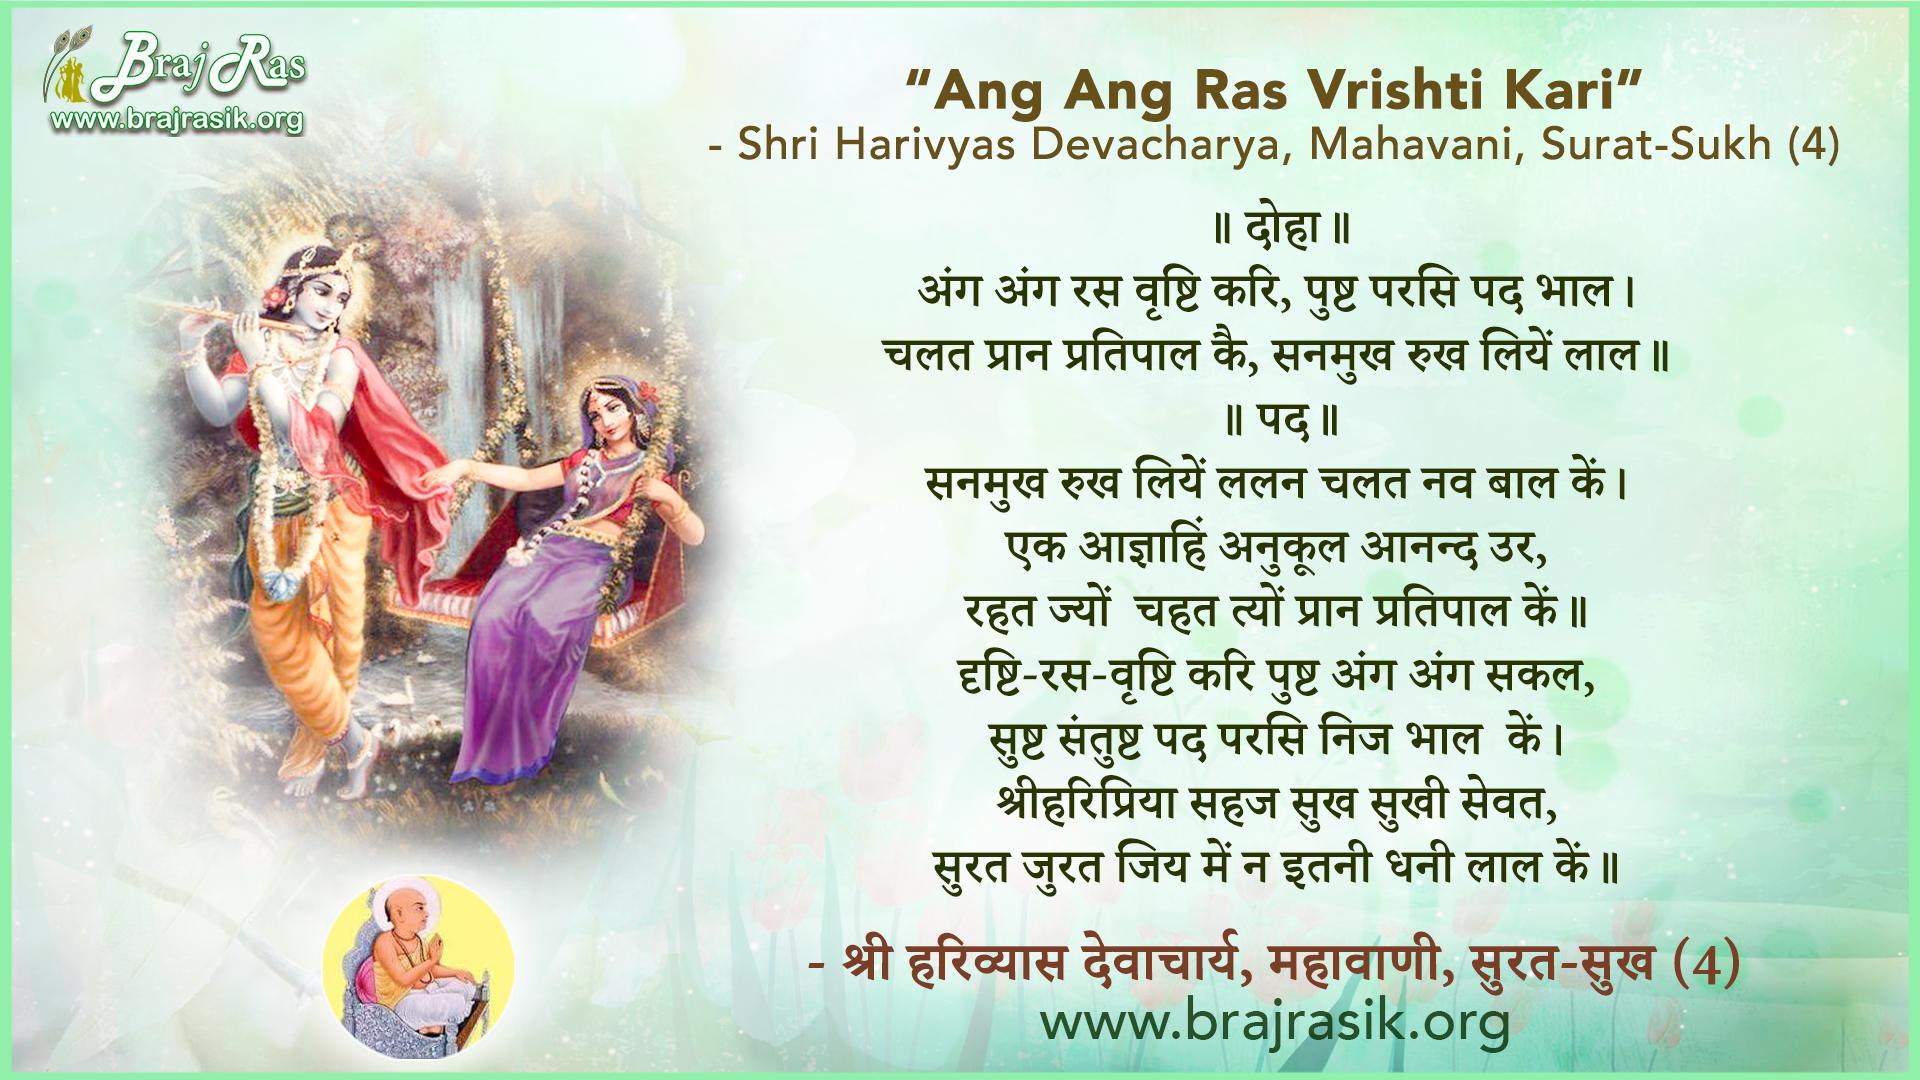 Ang Ang Ras Vrishti Kari - Shri Harivyas Devacharya, Mahavani, Surat-Sukh (4)